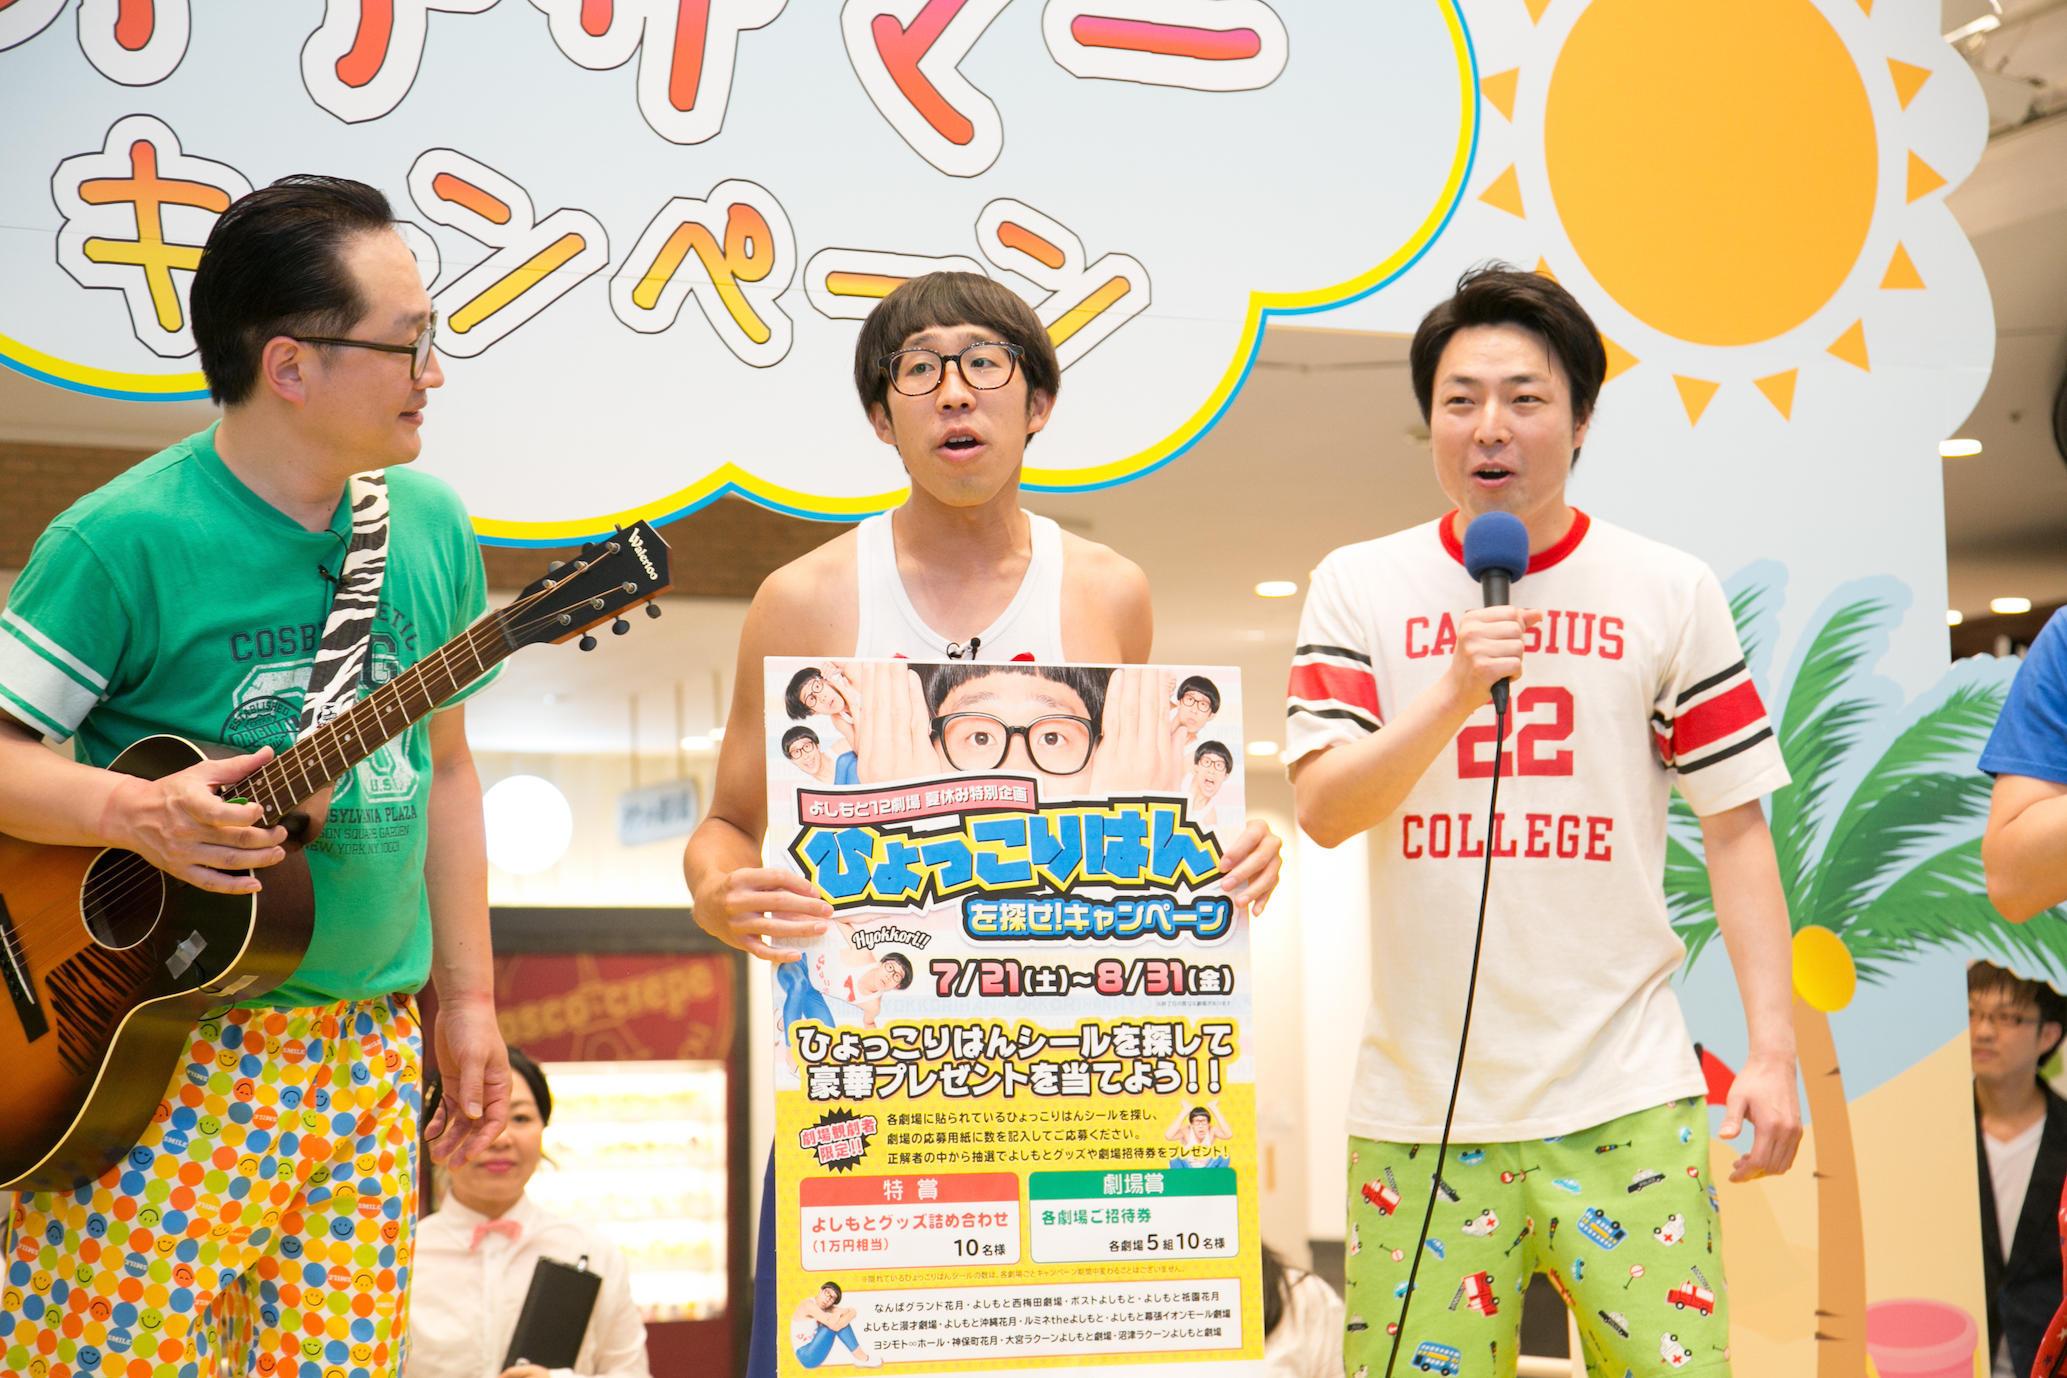 http://news.yoshimoto.co.jp/20180717223615-60b3a80d64636131f095ea09def89b1e85f82d49.jpg